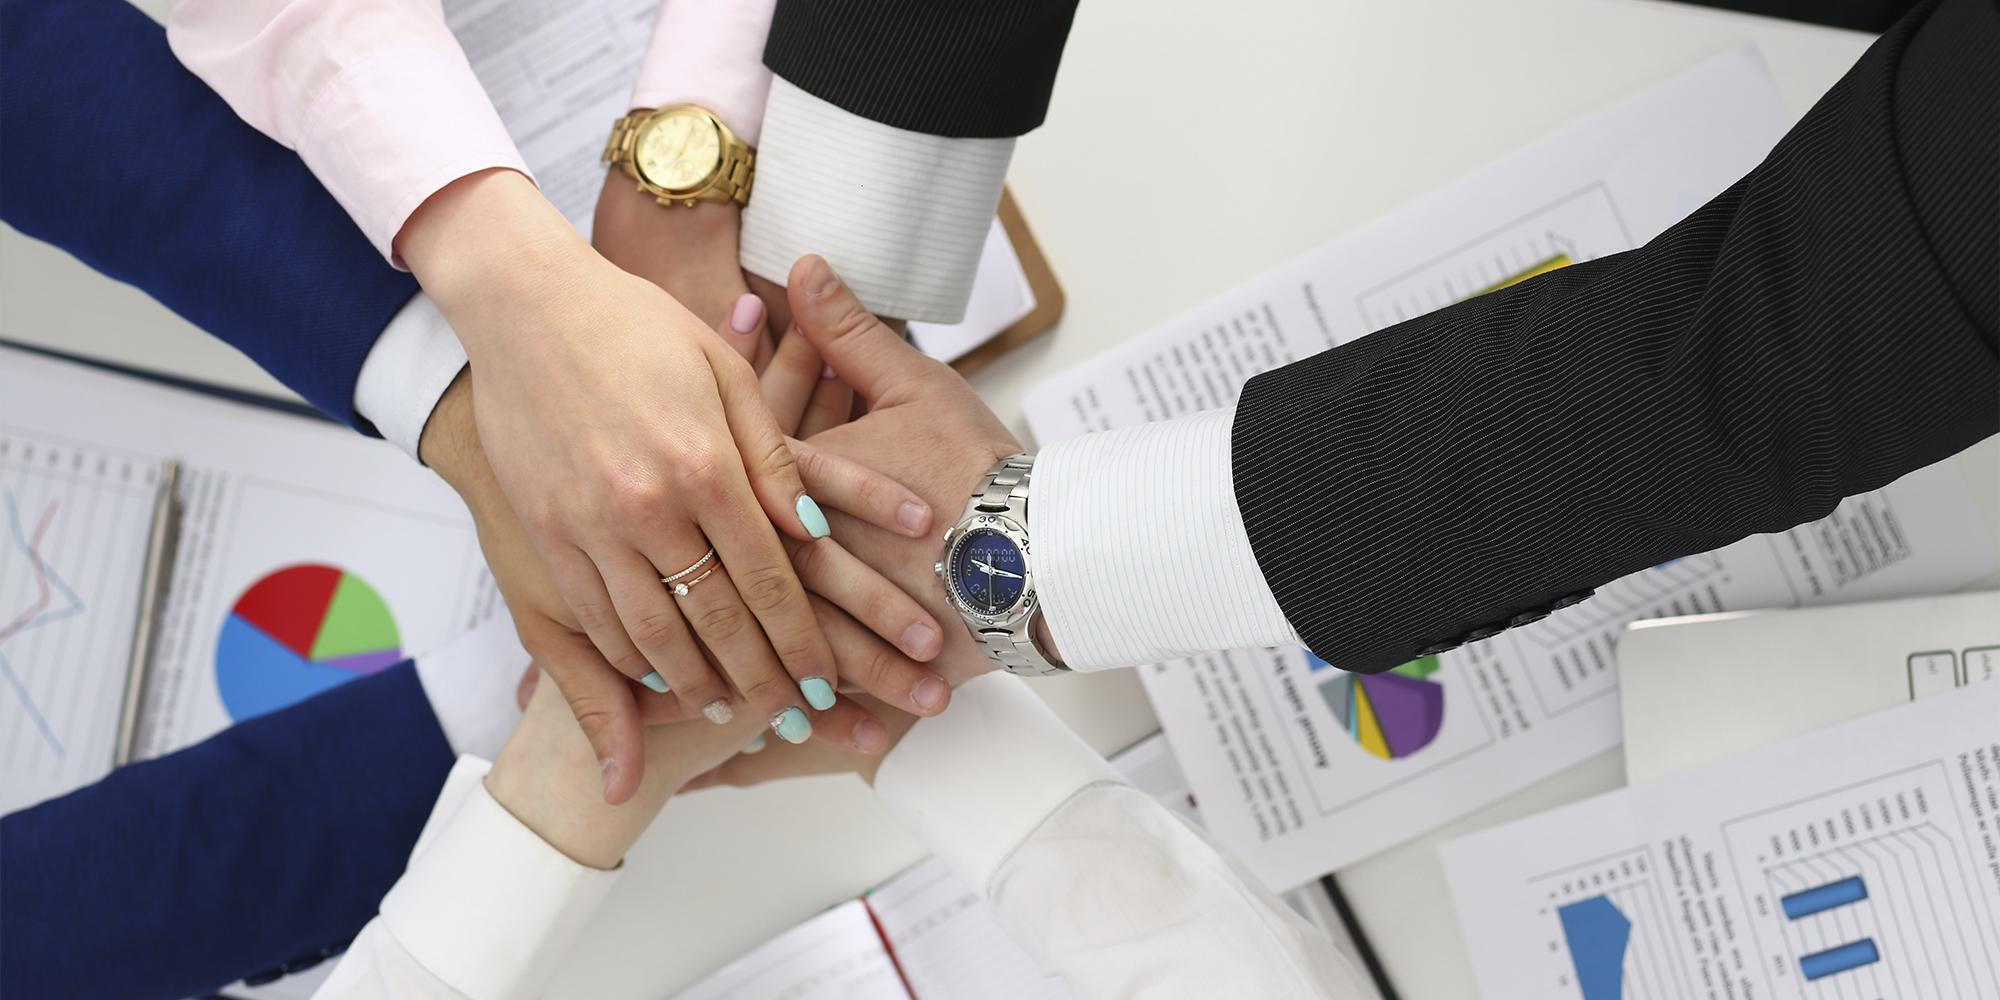 Sociedade de advogados é a melhor opção?